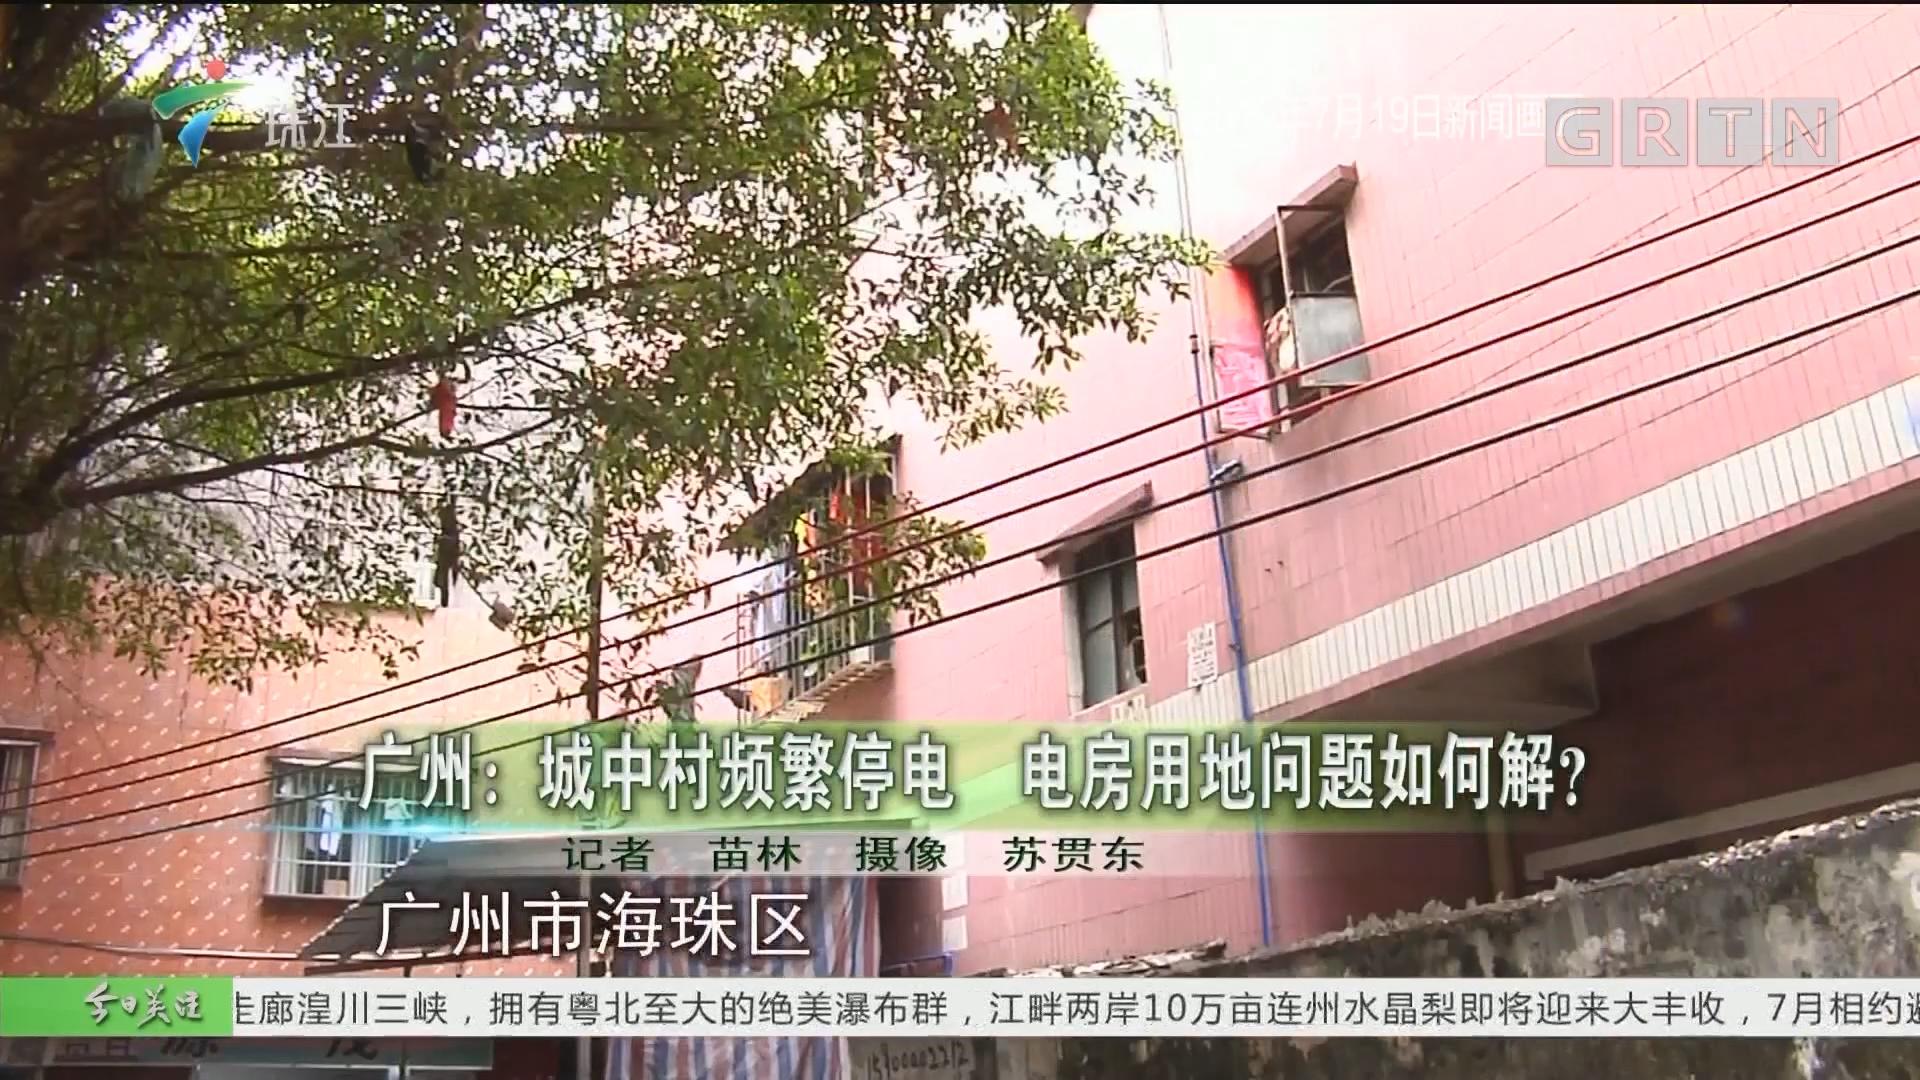 广州:城中村频繁停电 电房用地问题如何解?